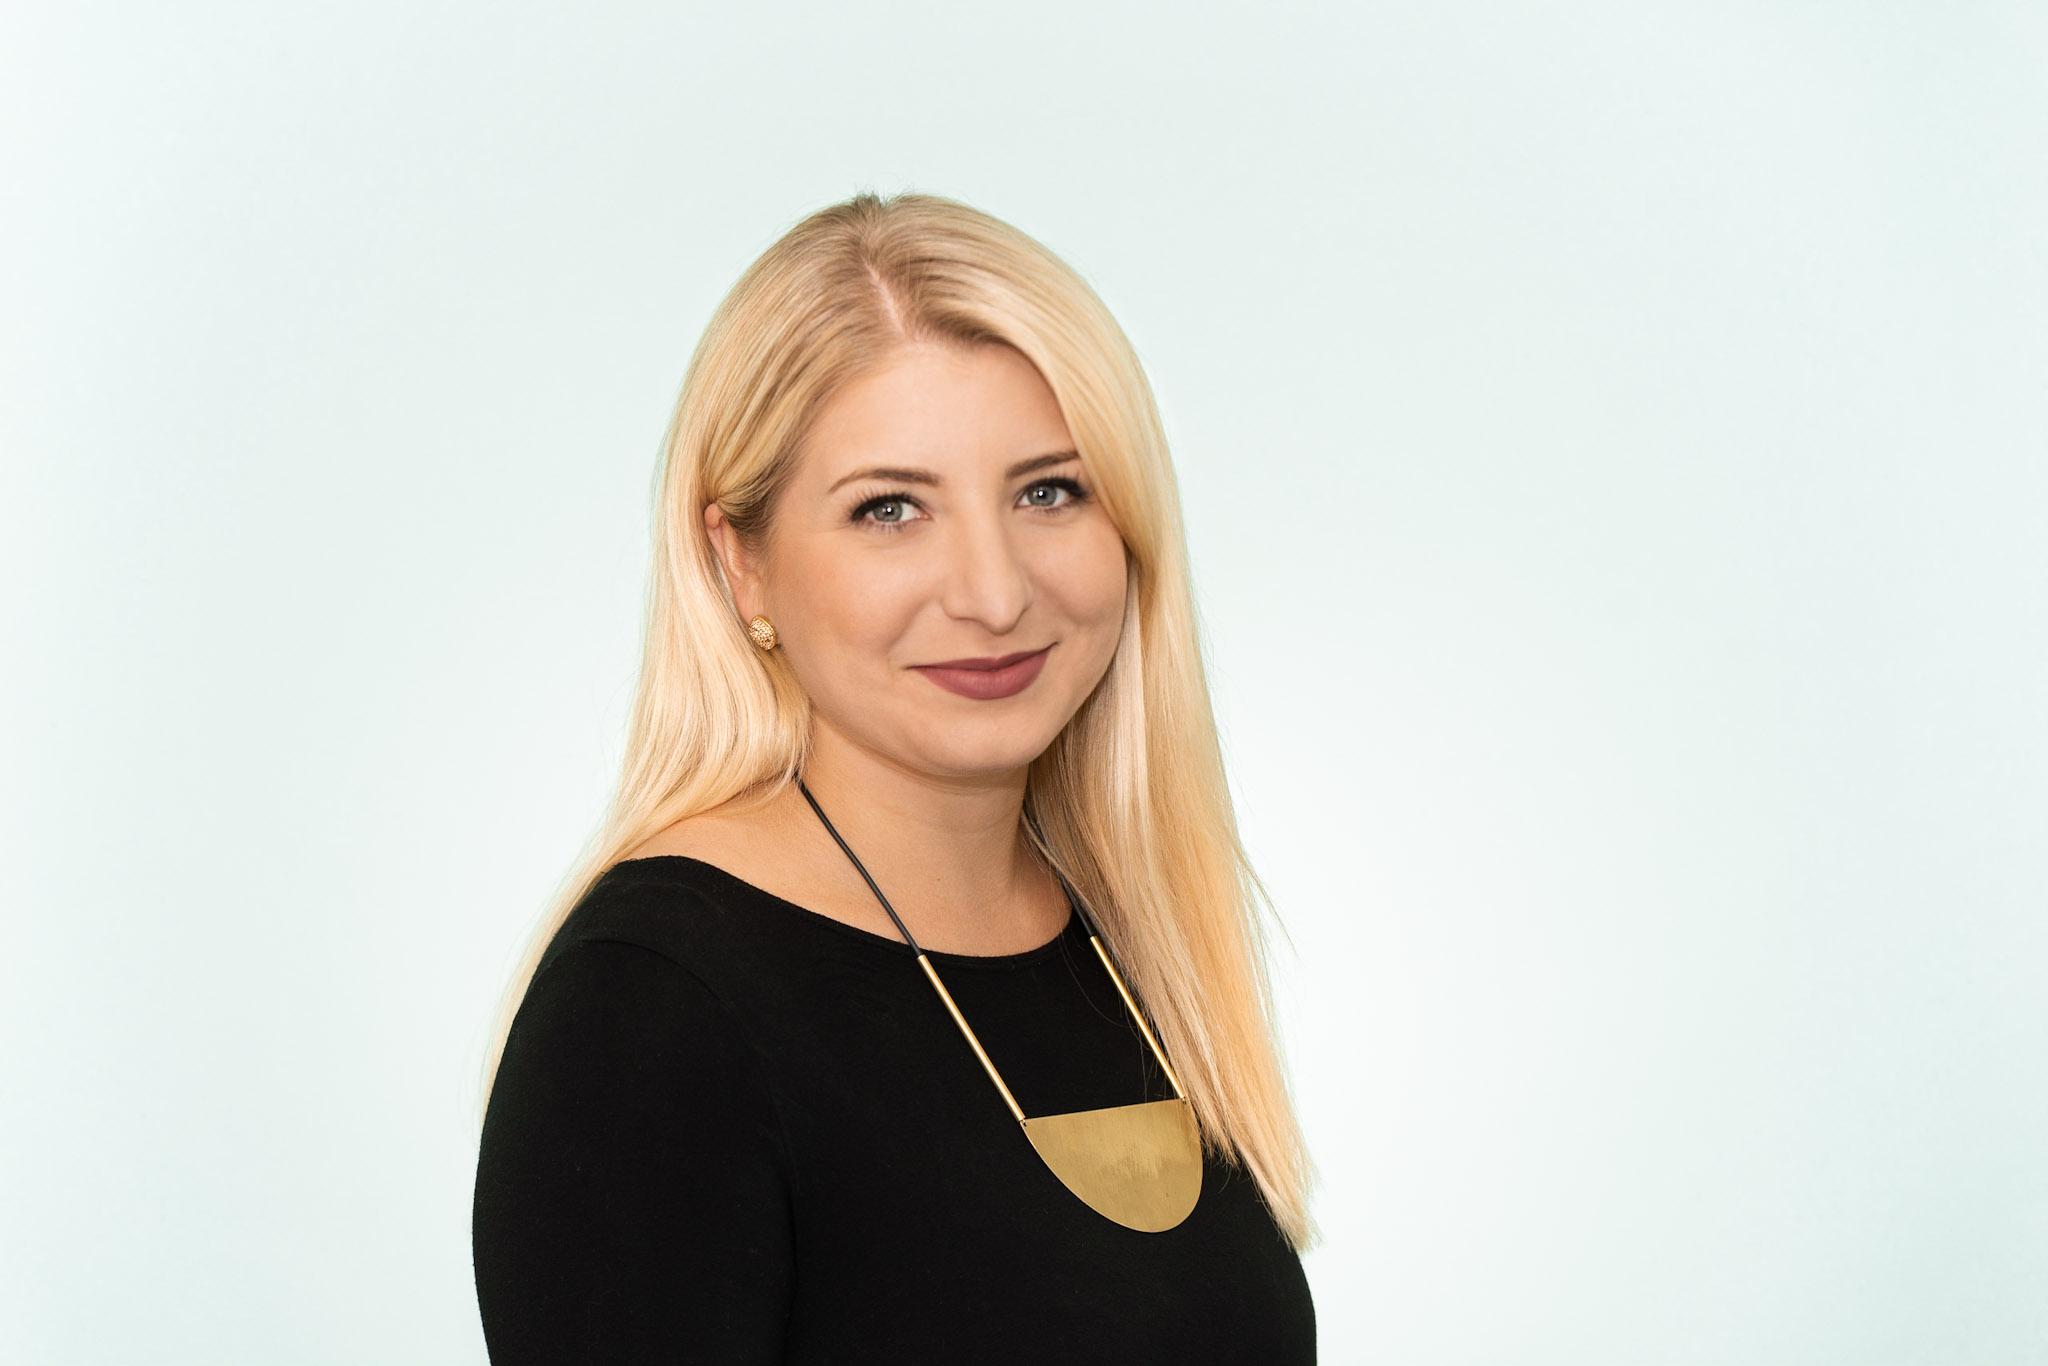 Maria Vondrasek